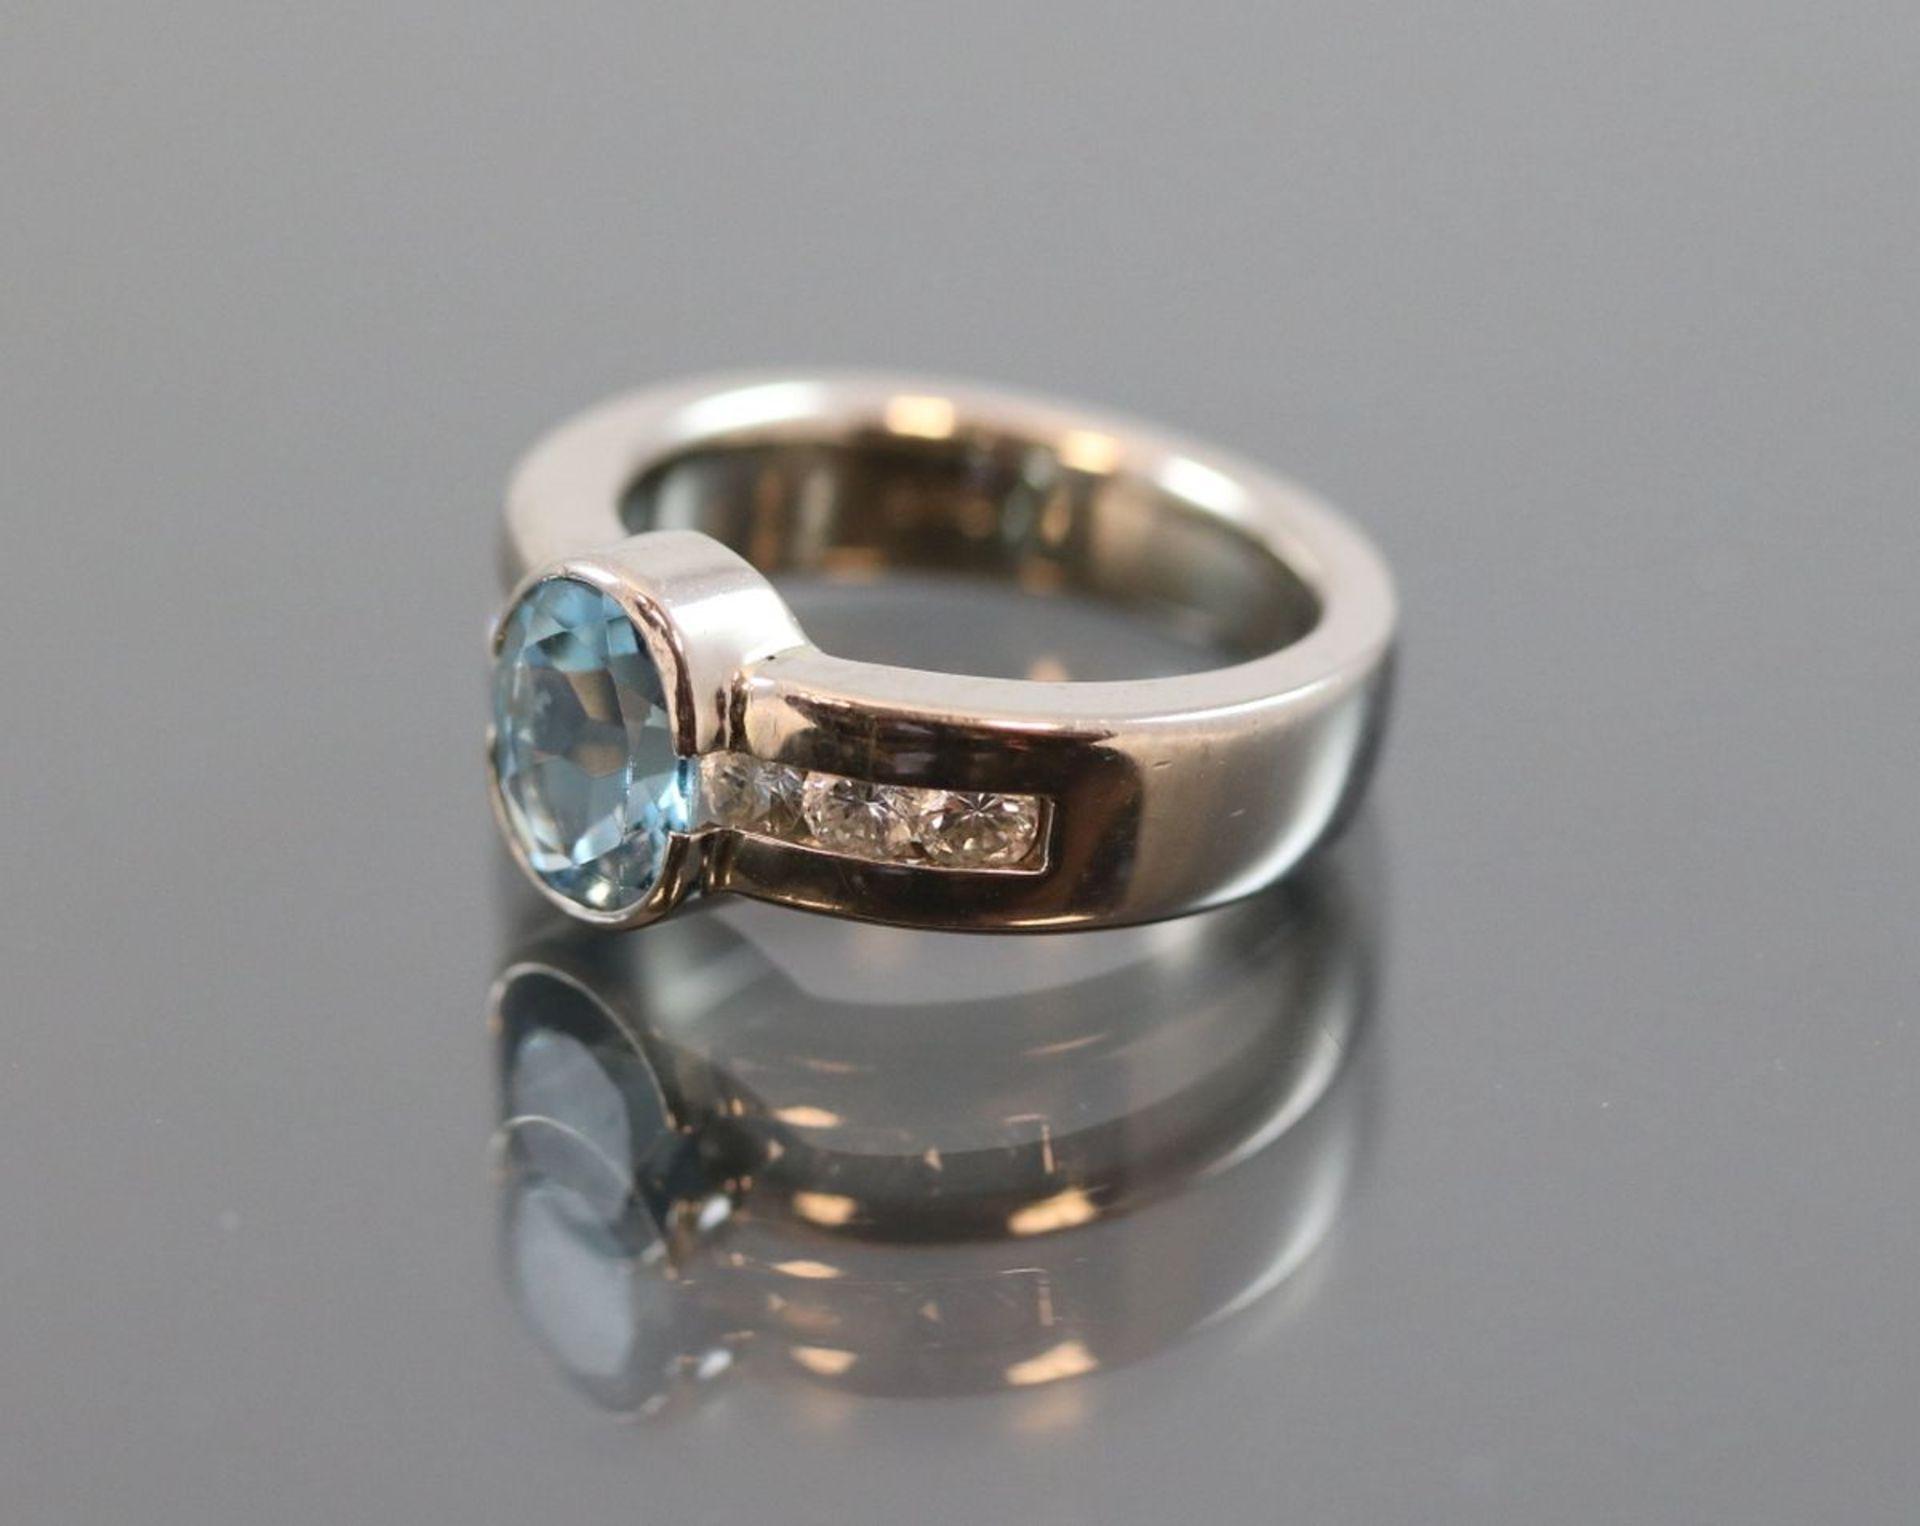 Aquamarin-Brillant-Ring, 585 Weißgold8,50 Gramm 6 Brillanten, 0,42 ct., tw/vsi. Ringgröße: - Bild 2 aus 3